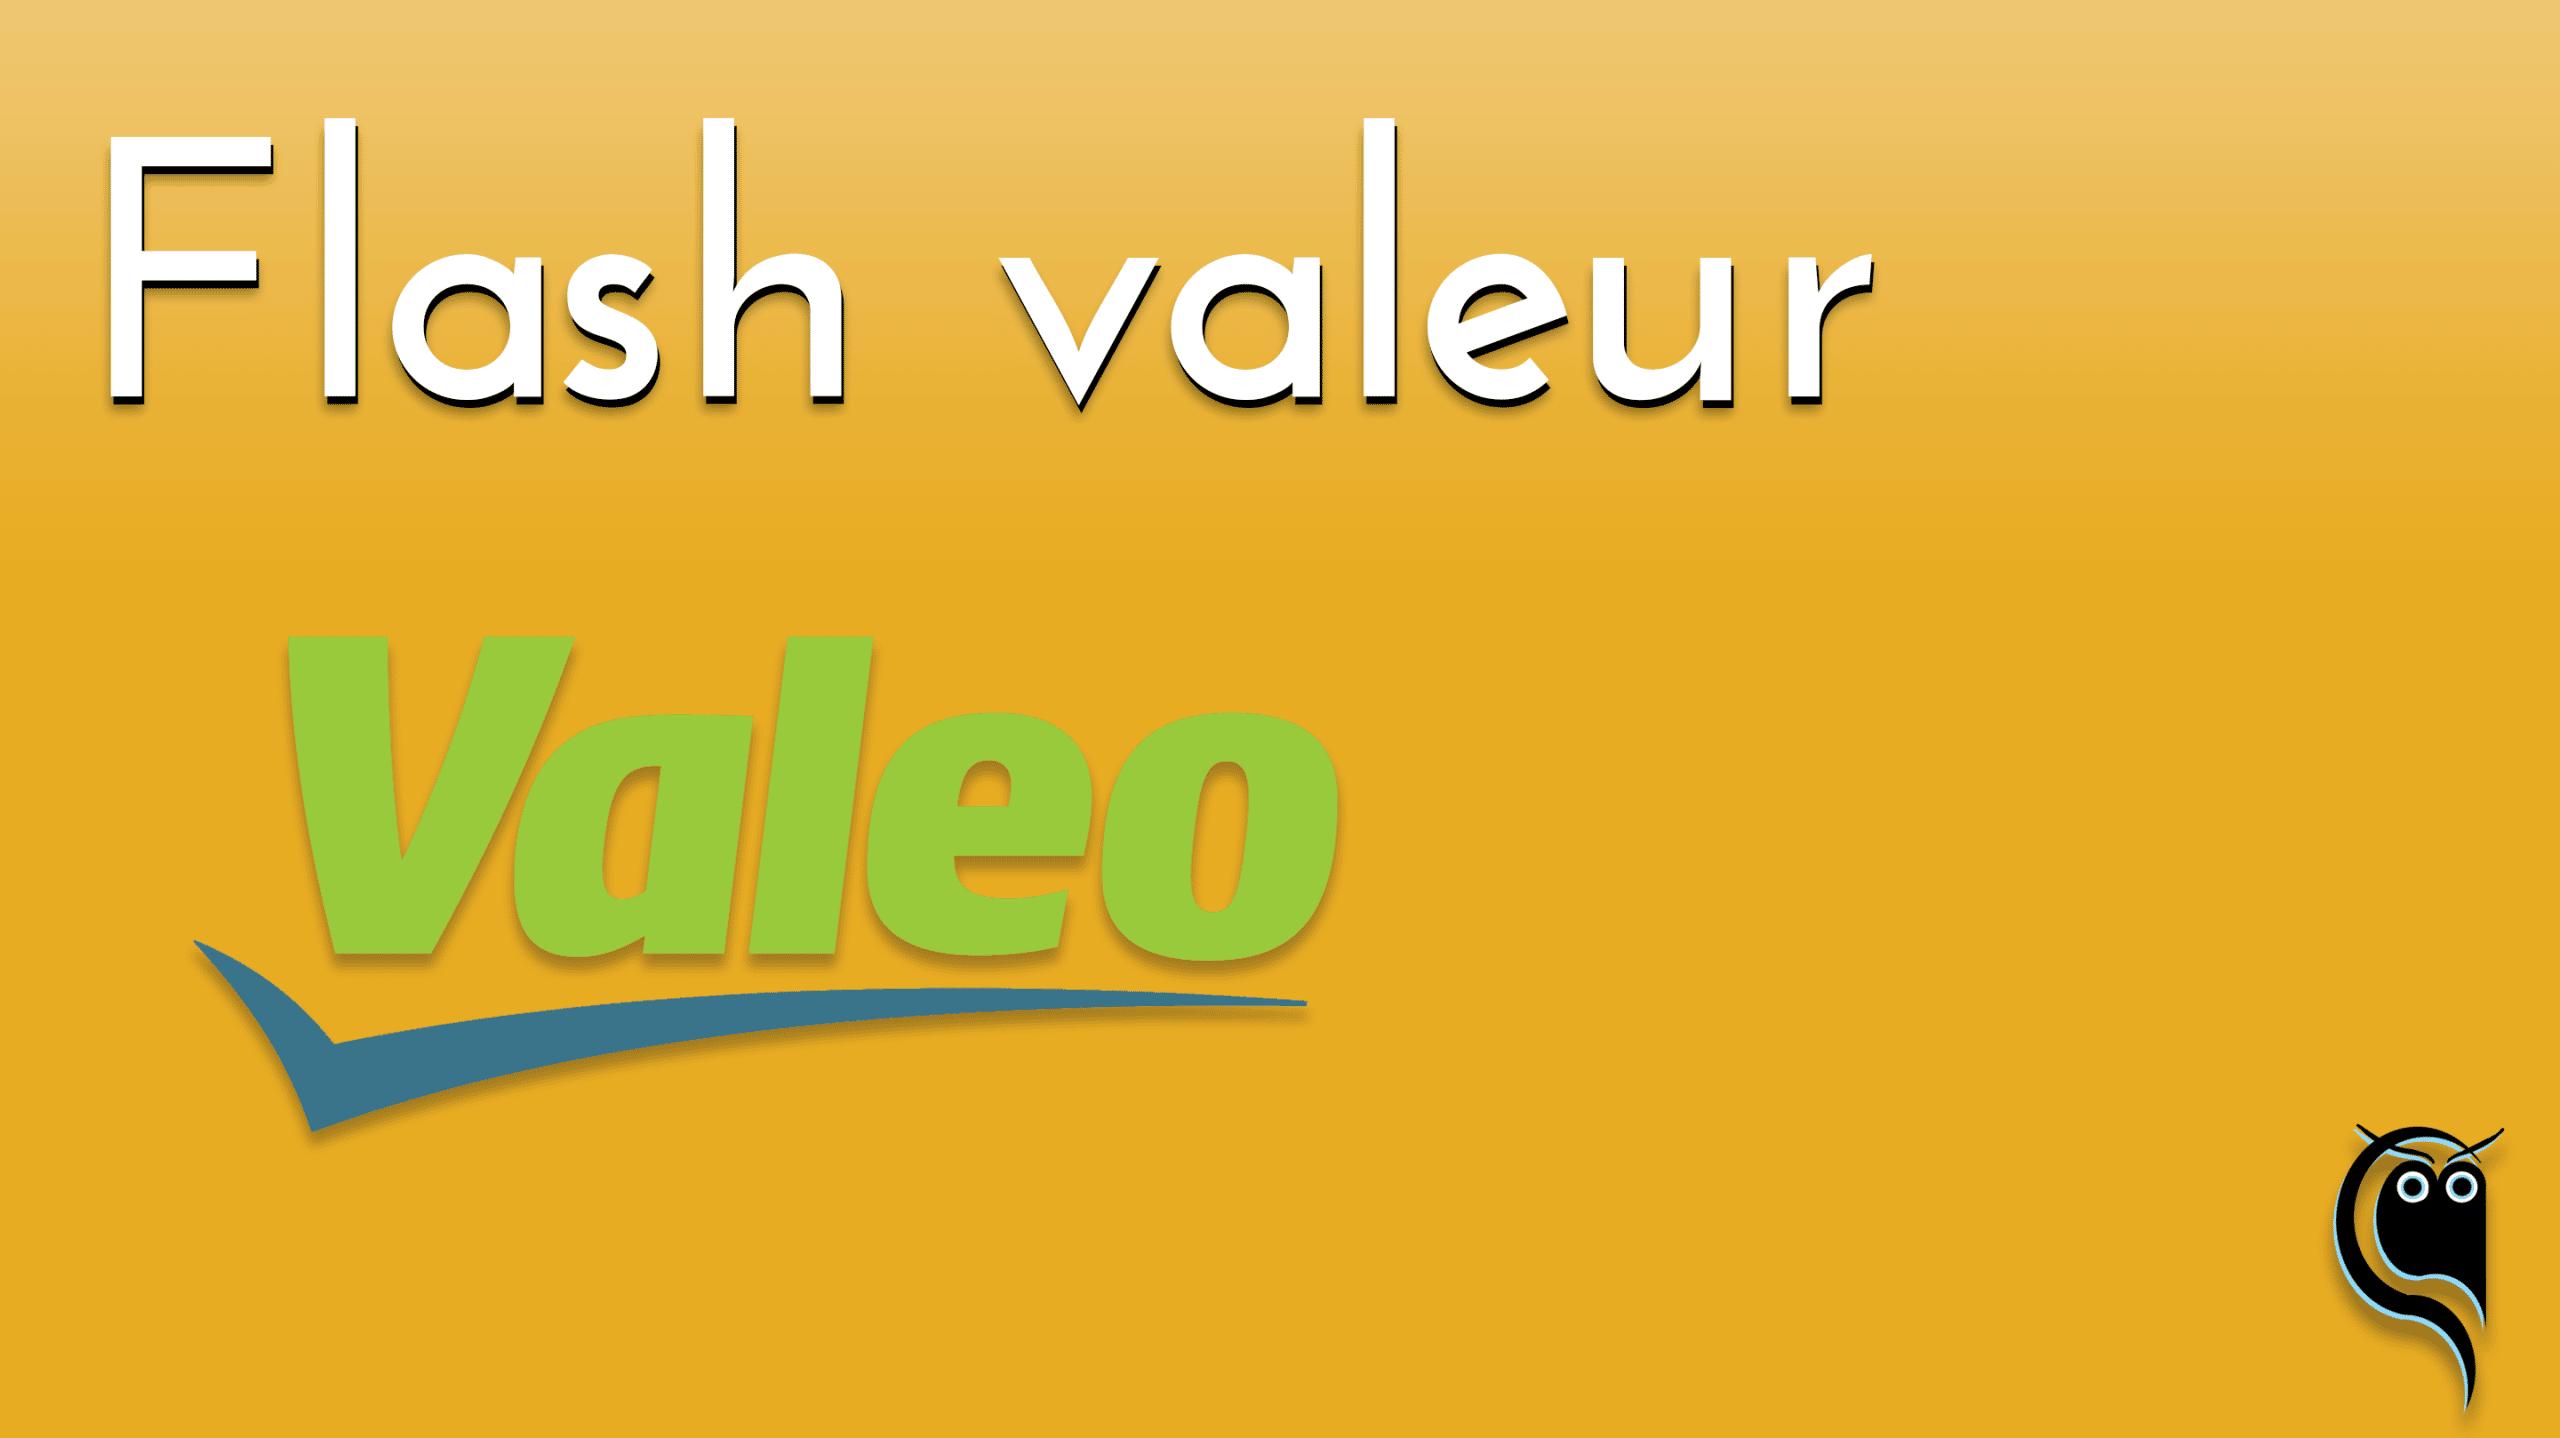 Flash Valeo : résultats 2e trimestre 2021